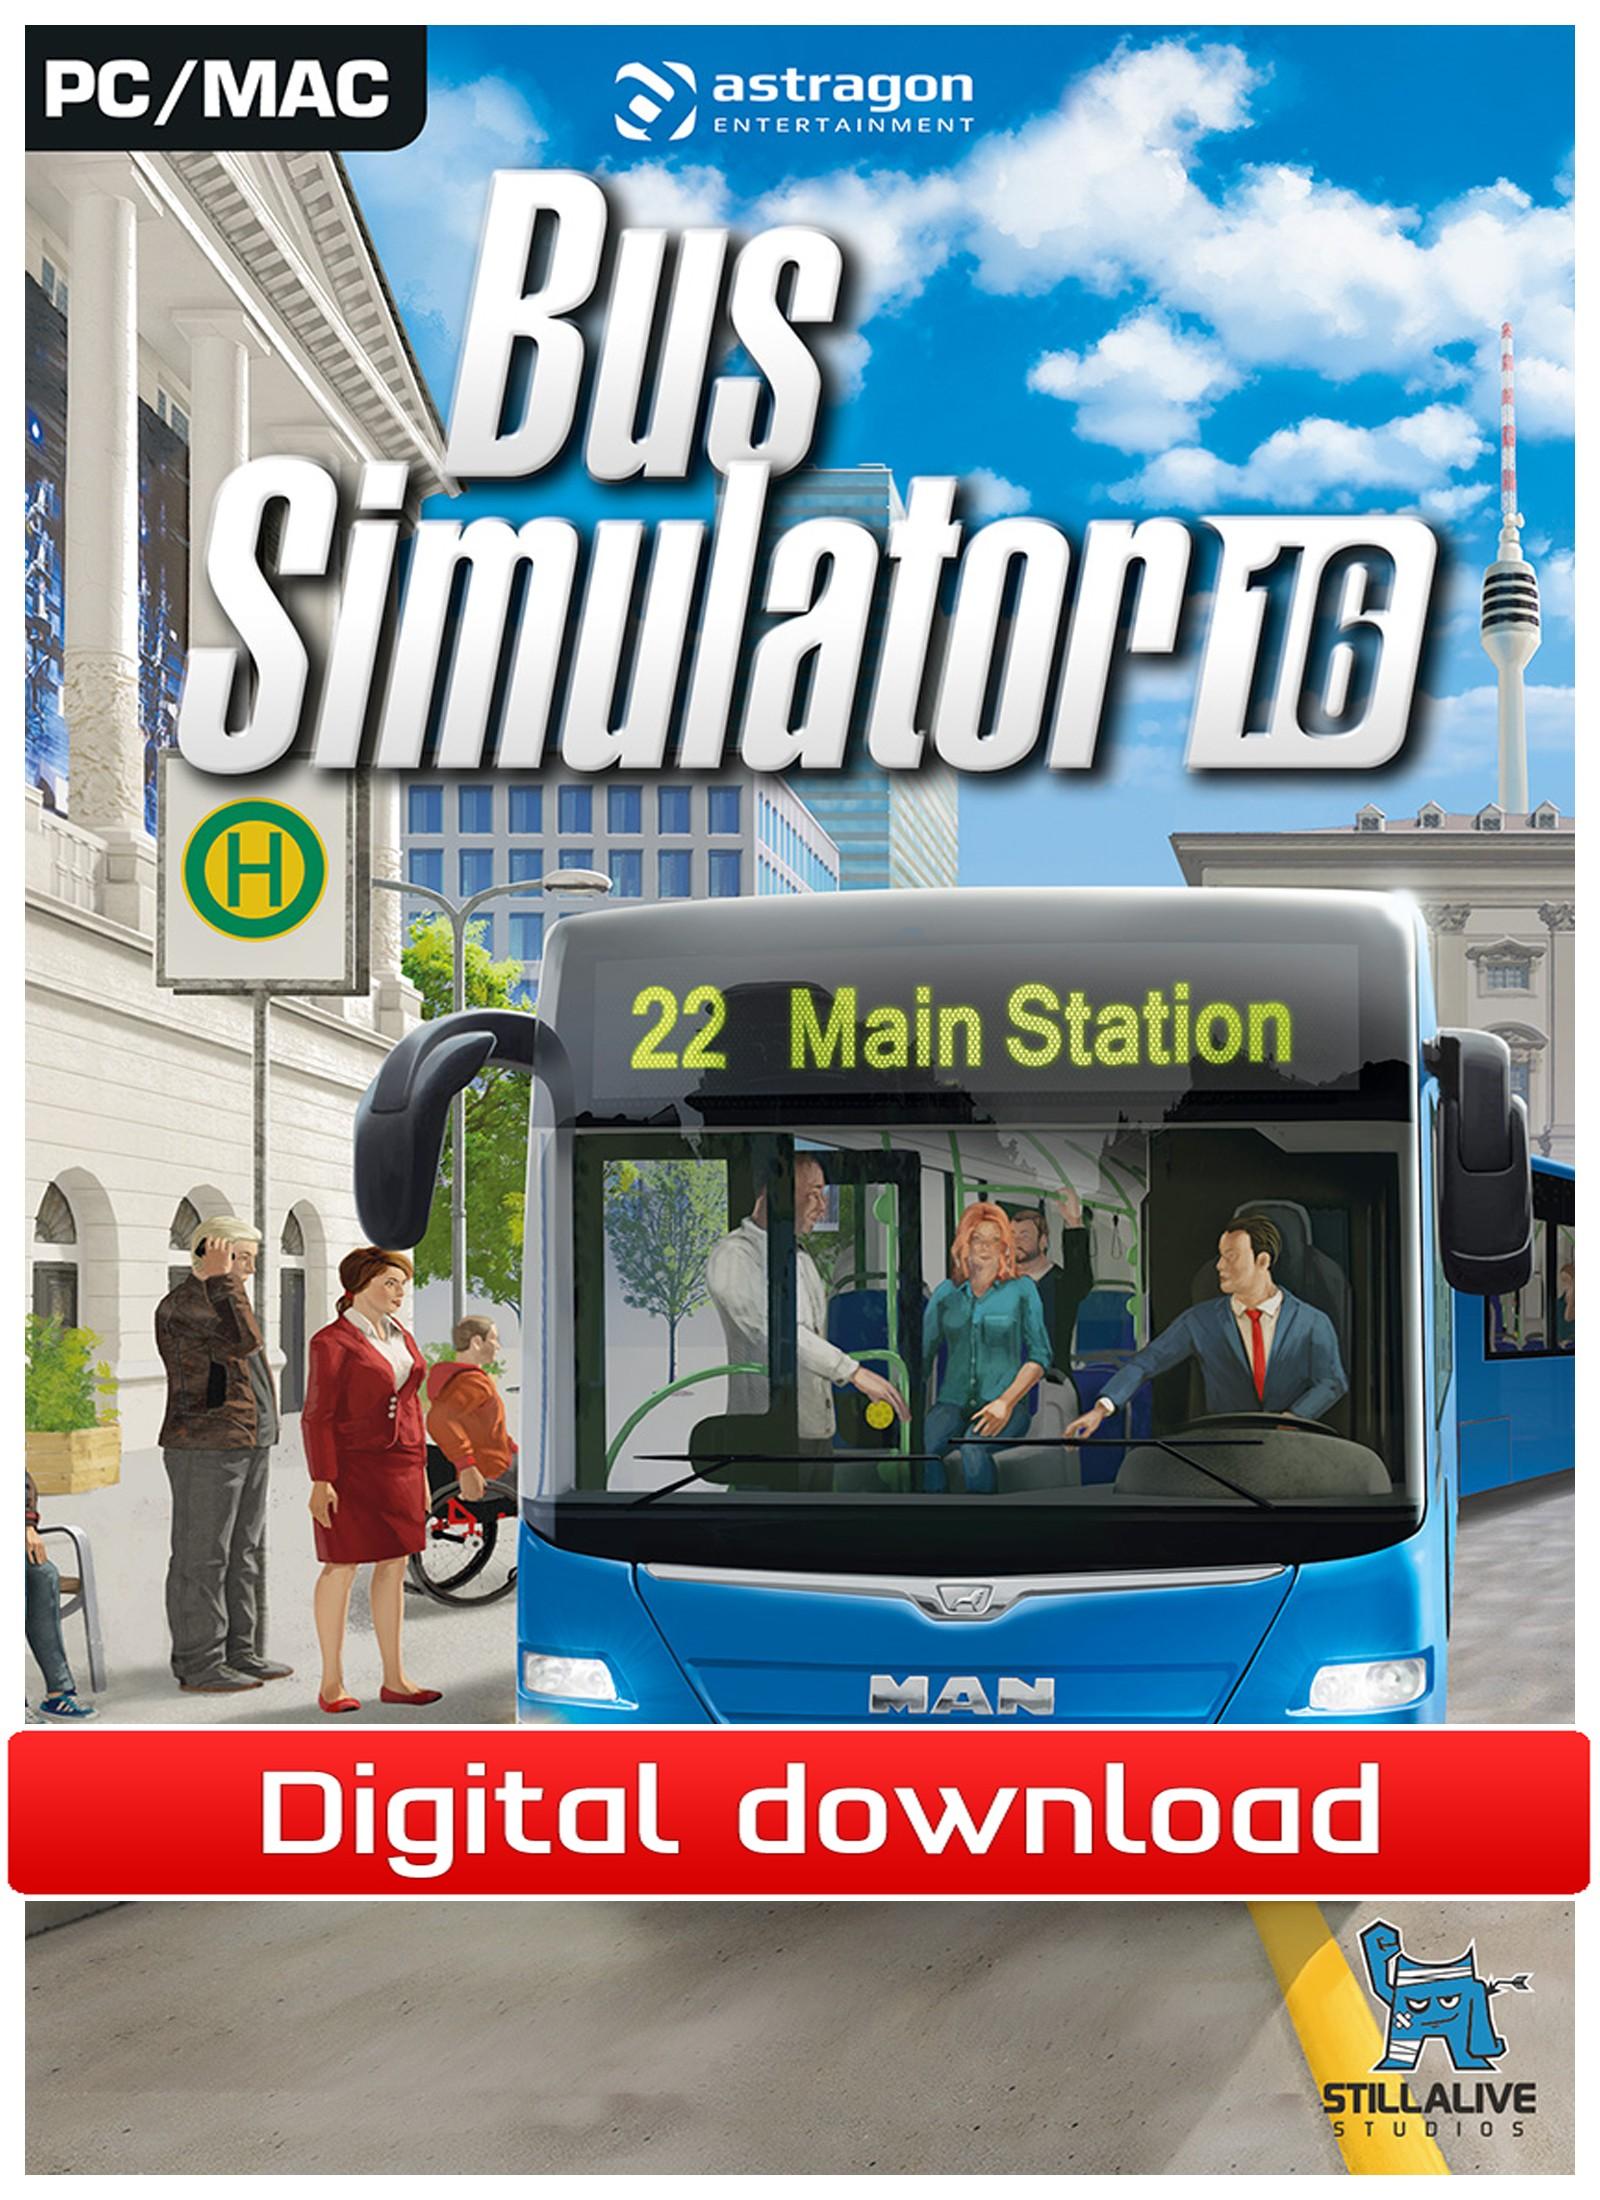 Bus Simulator 16 (PC nedlastning) PCDD38951